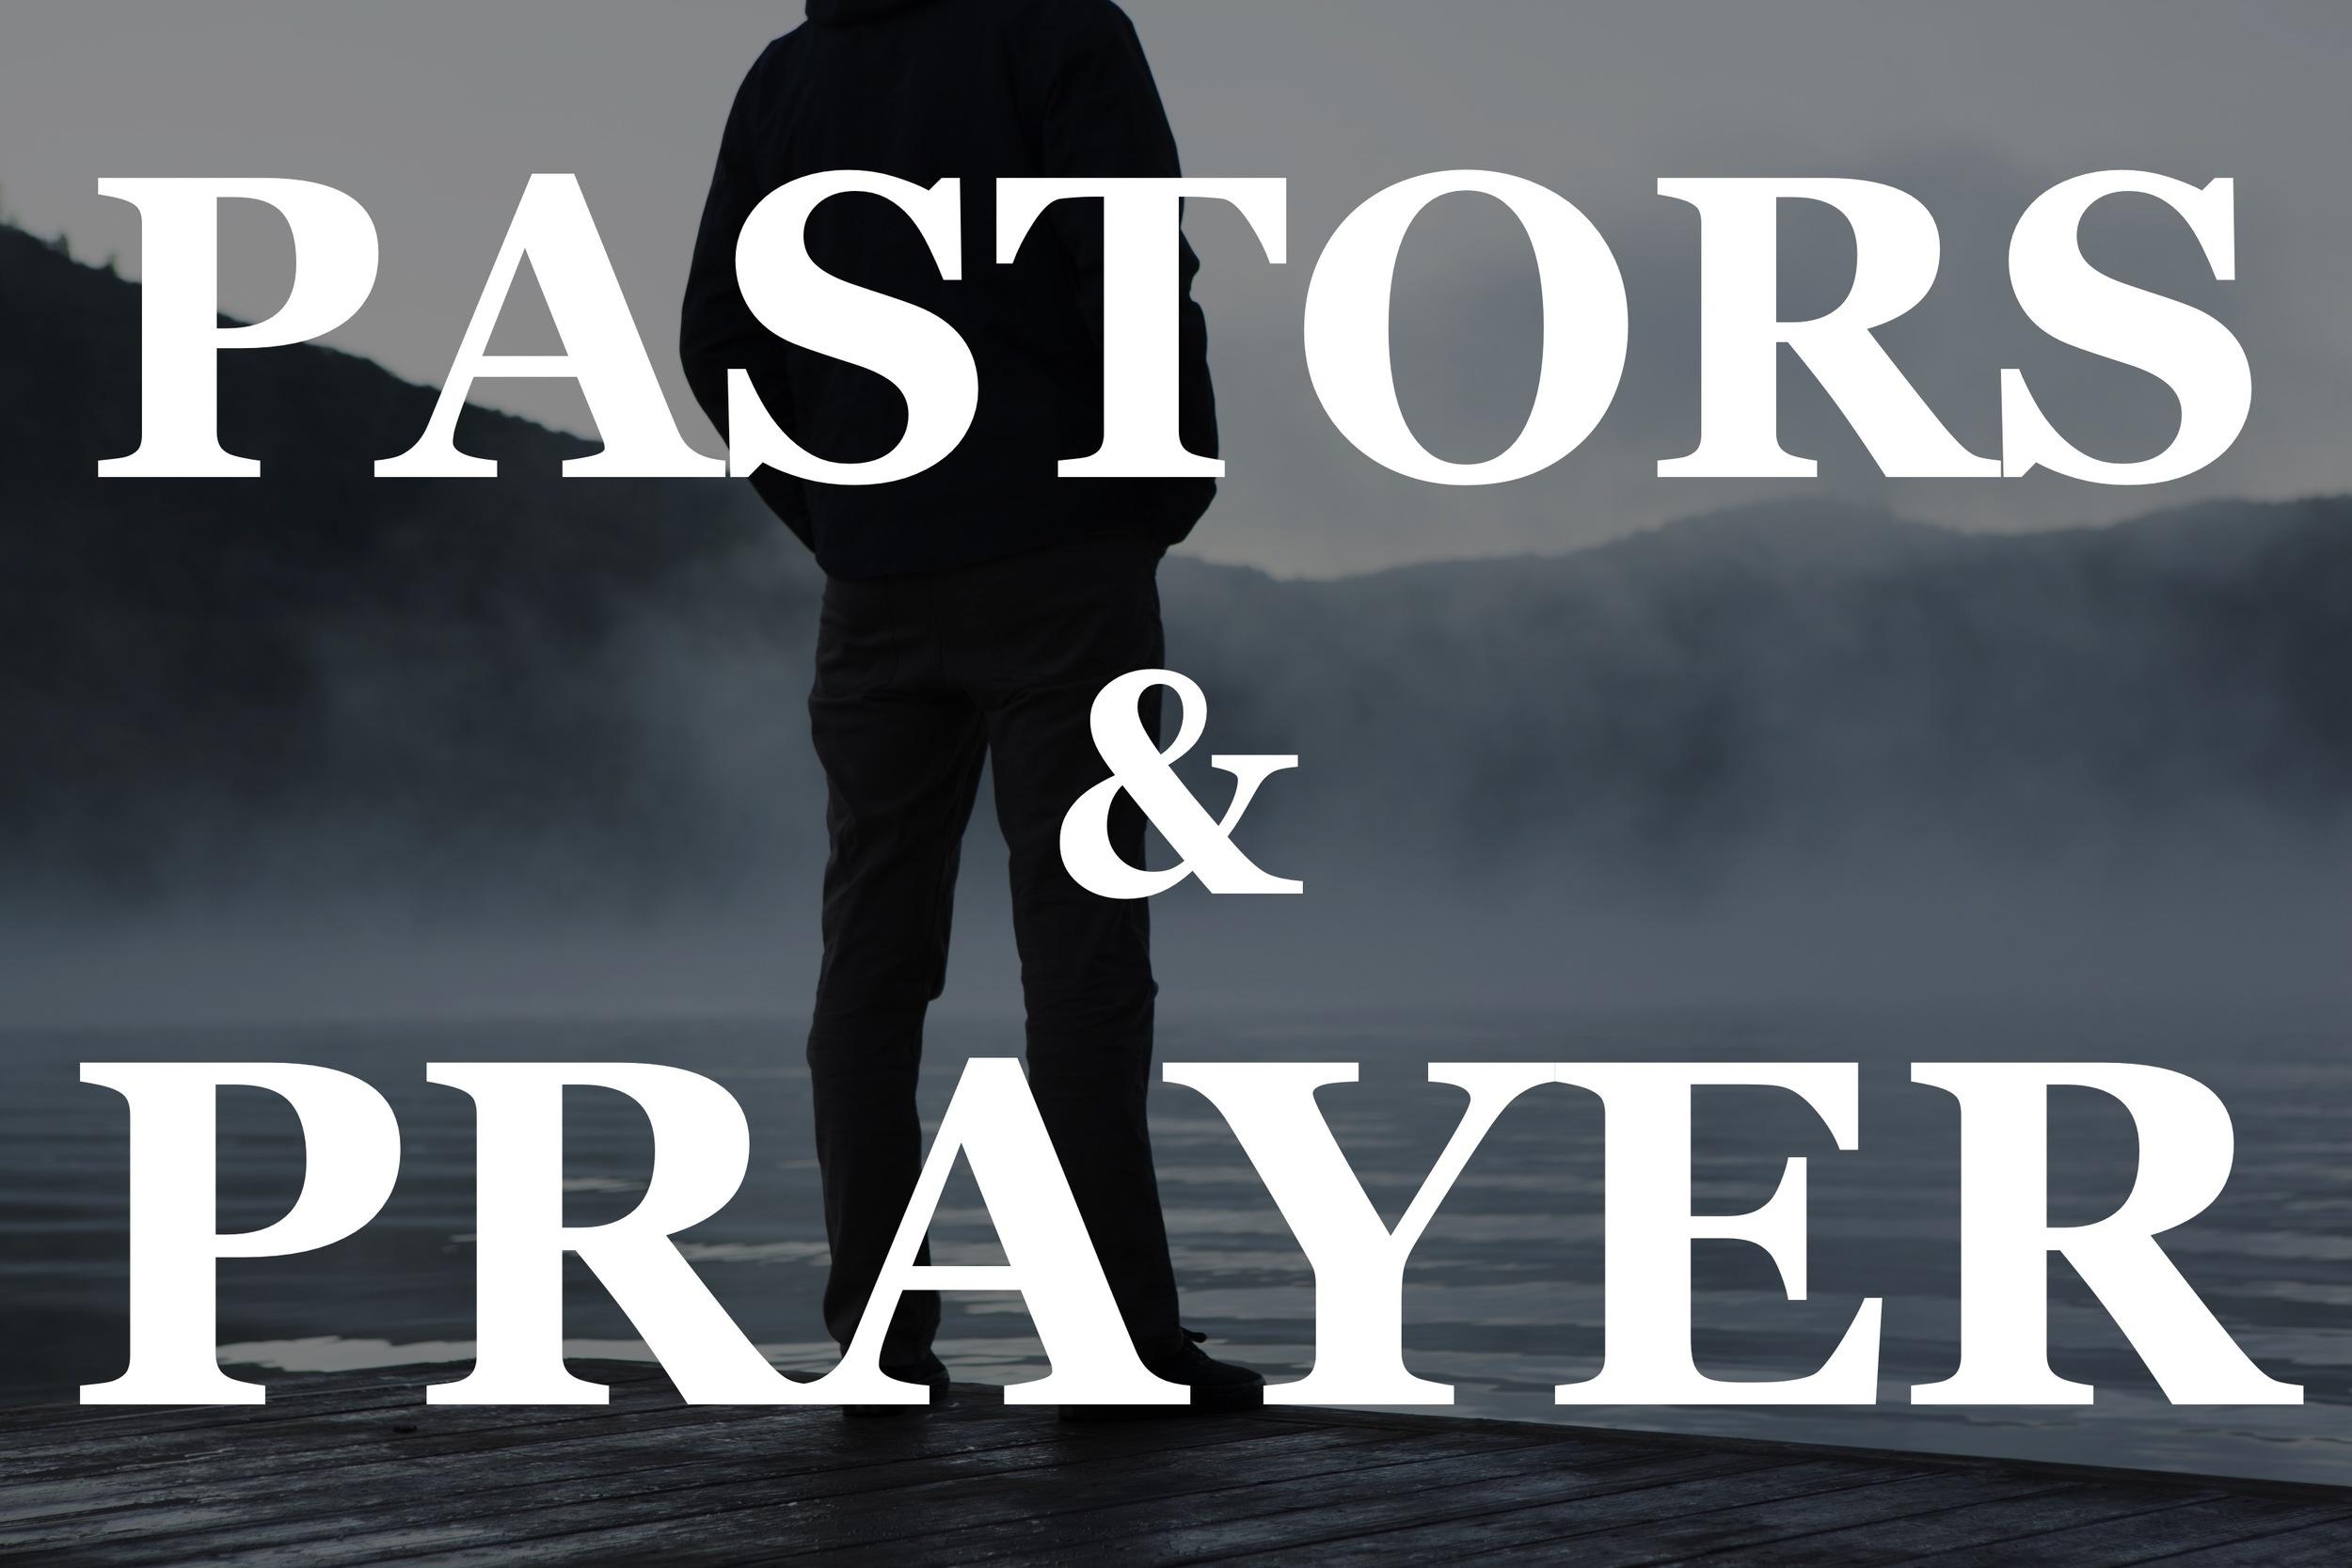 Pastors-Prayer.jpg